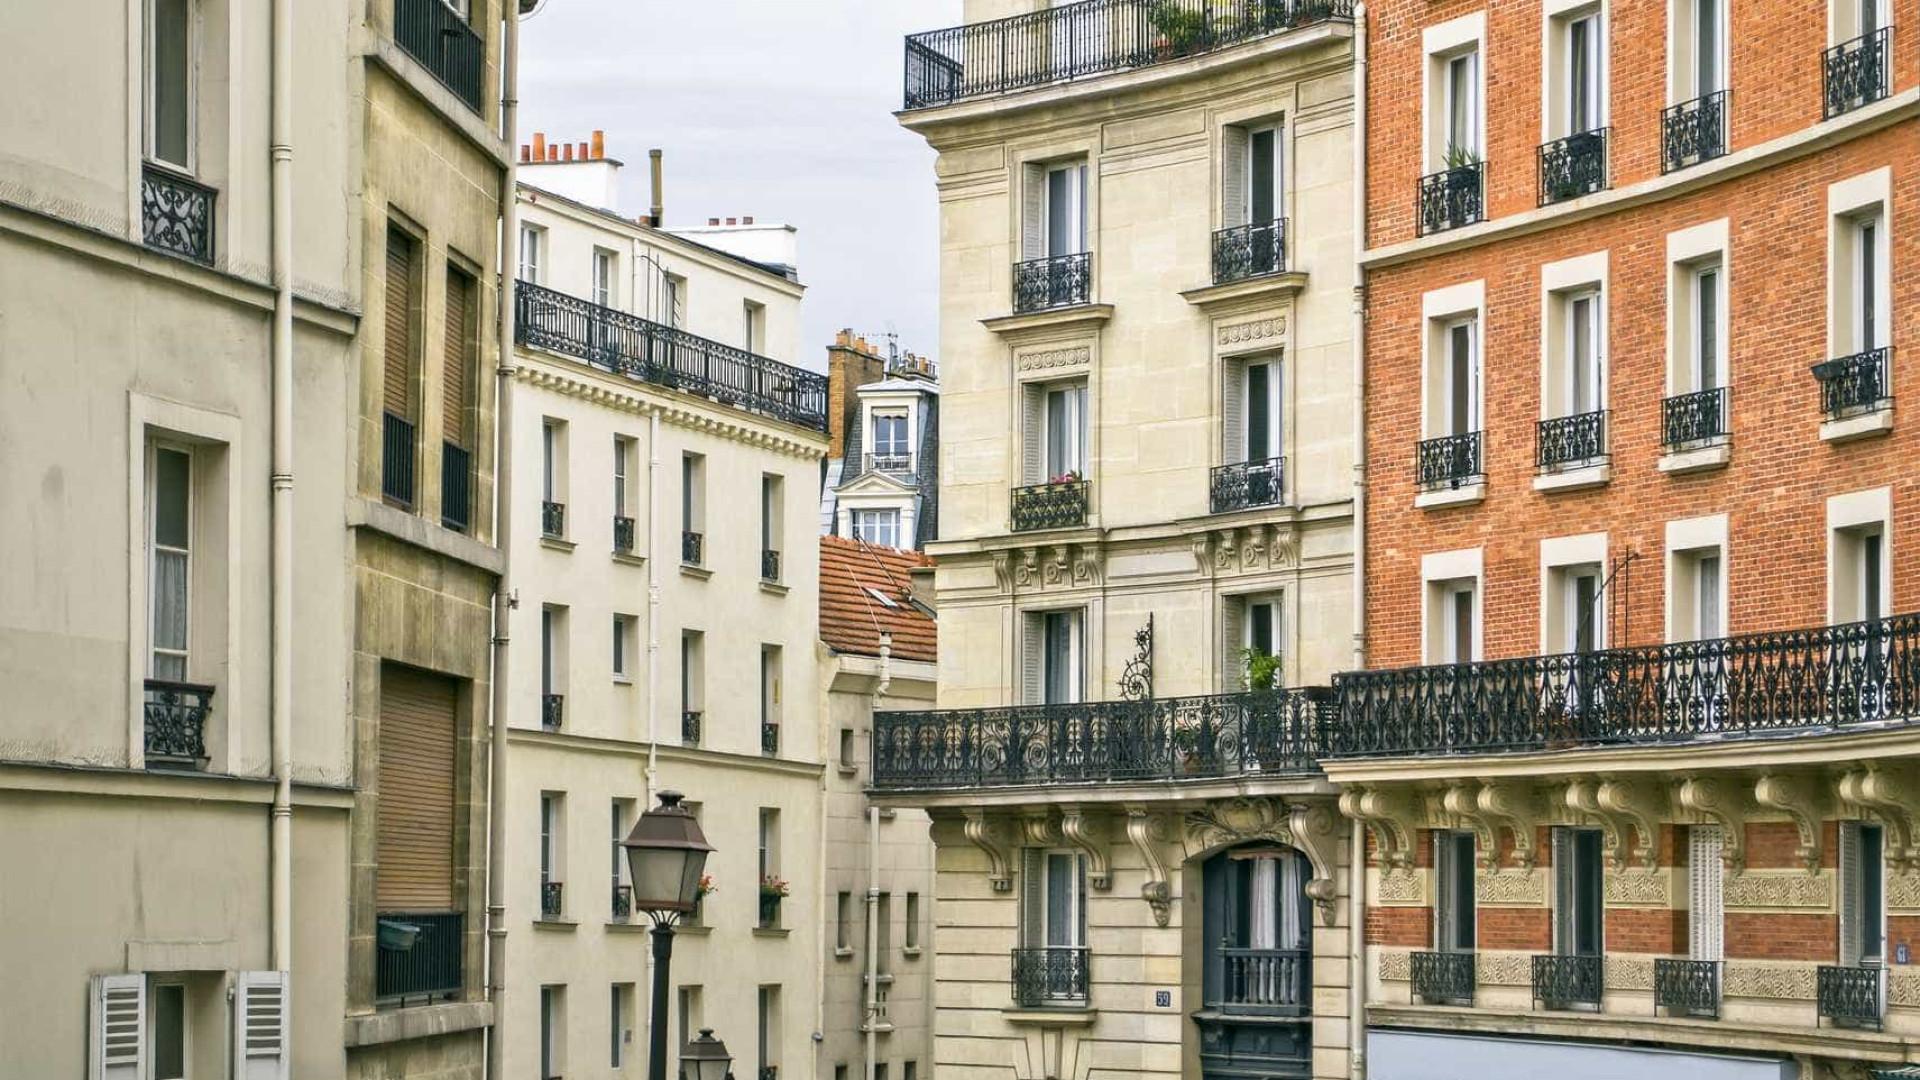 OE2019: Imobiliárias lamentam que sejam ignorados problemas habitacionais